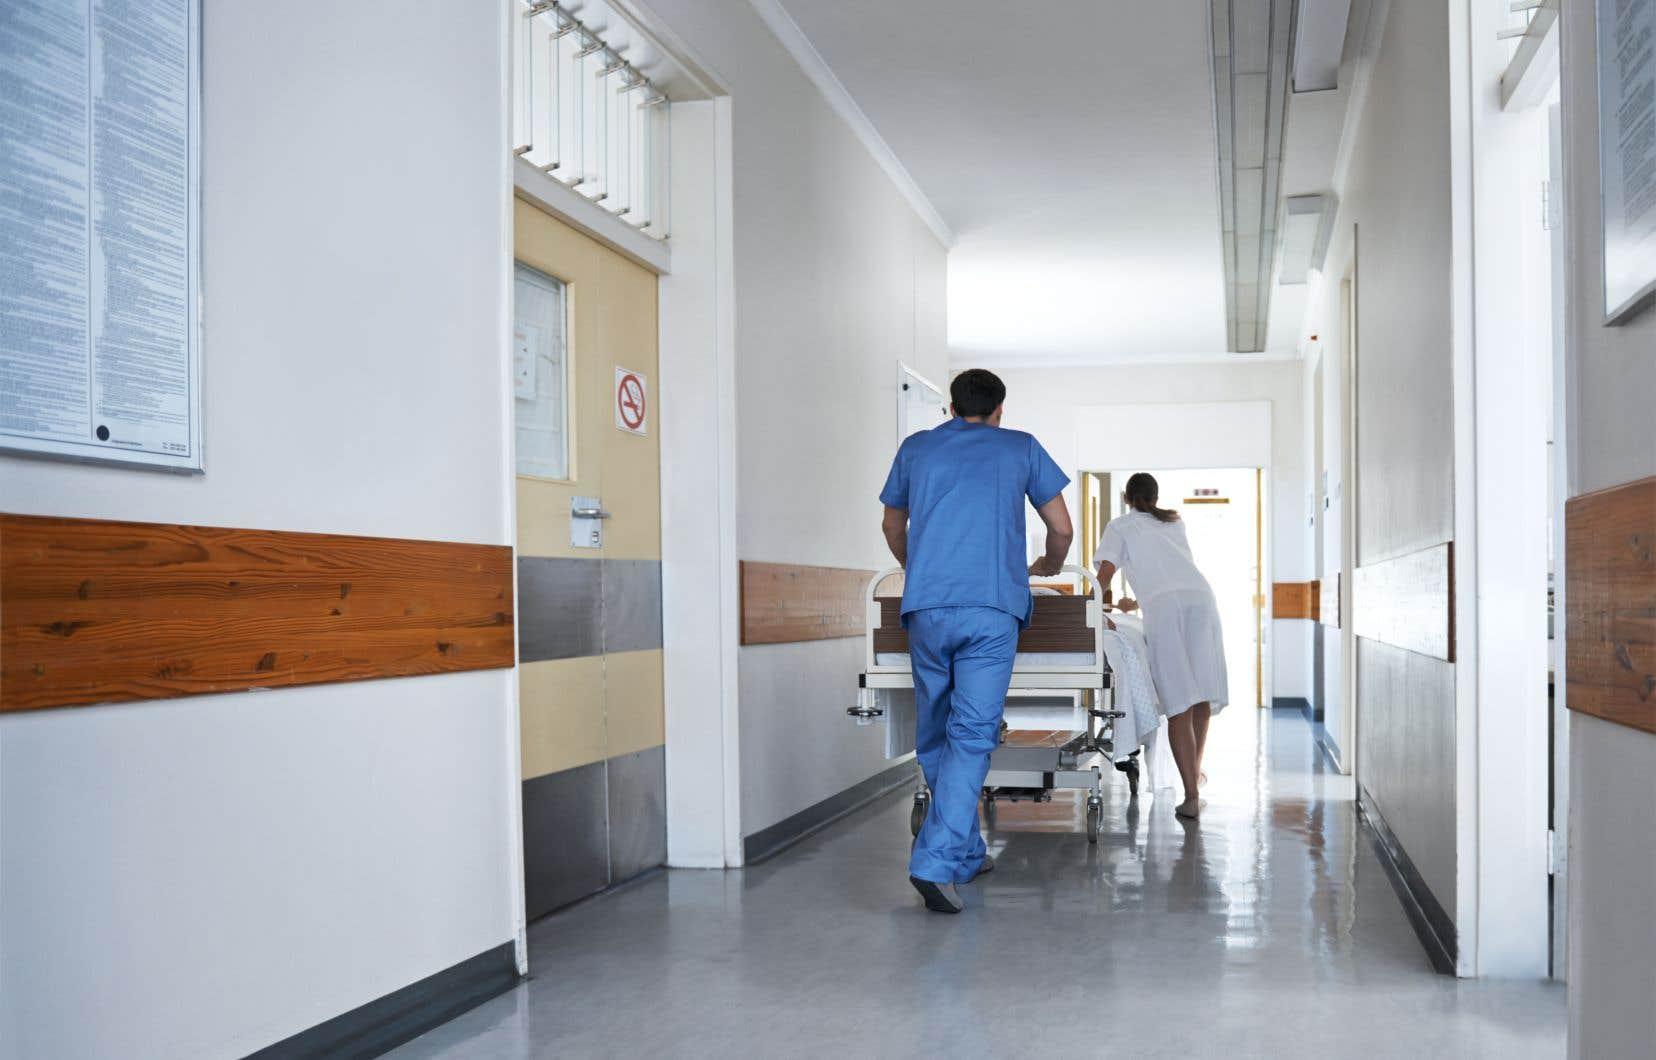 Selon la FIQ, l'ensemble des conditions de travail des infirmières doit être amélioré et la profession doit être revalorisée.